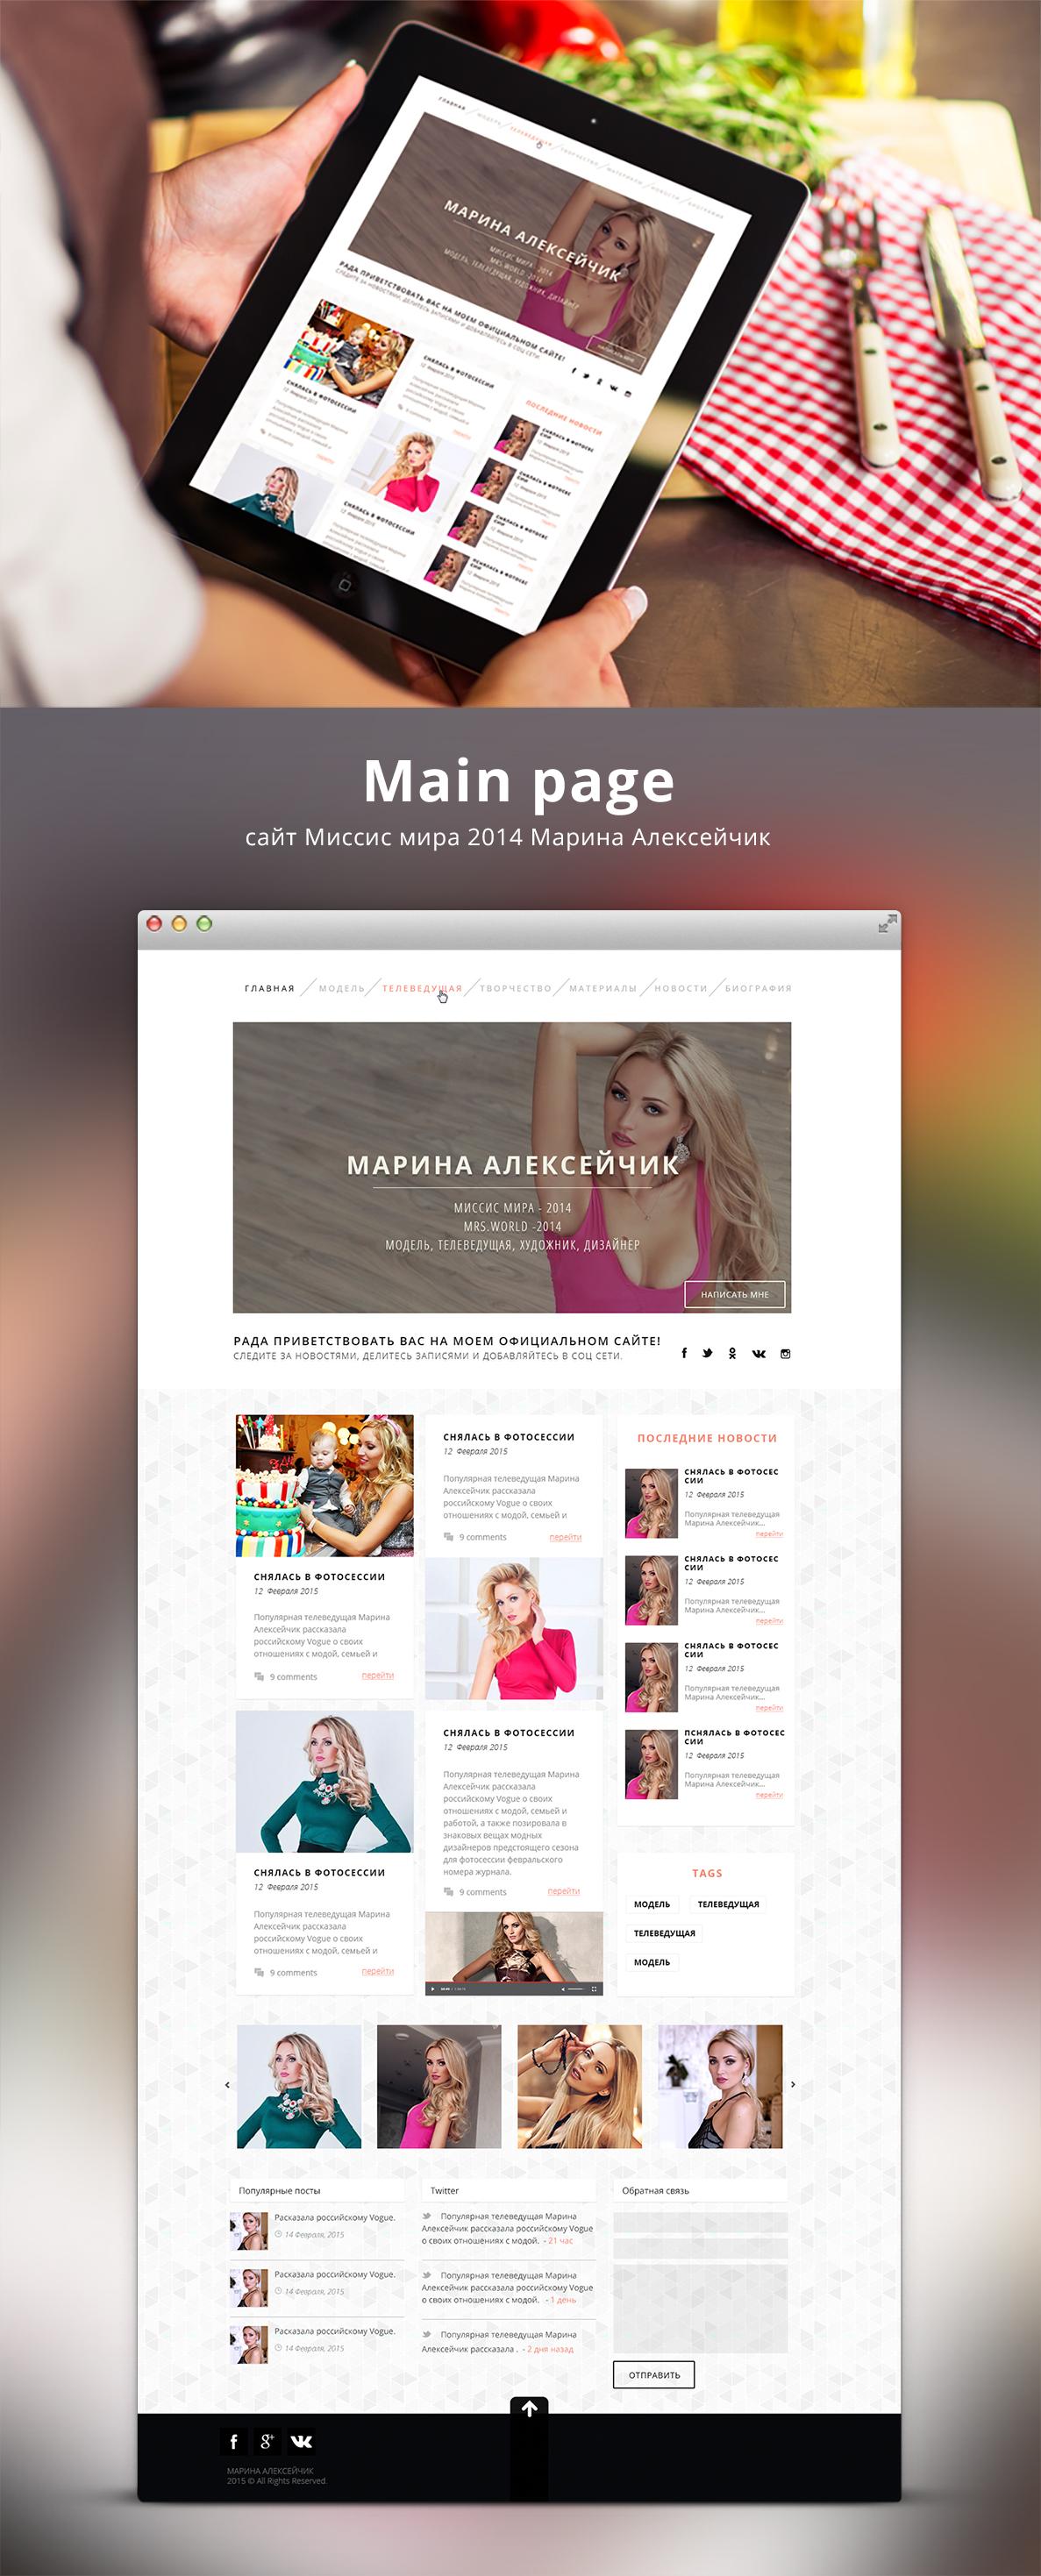 Дизайн главной страницы сайта - Миссис мира 2014 Марина Алексейчик